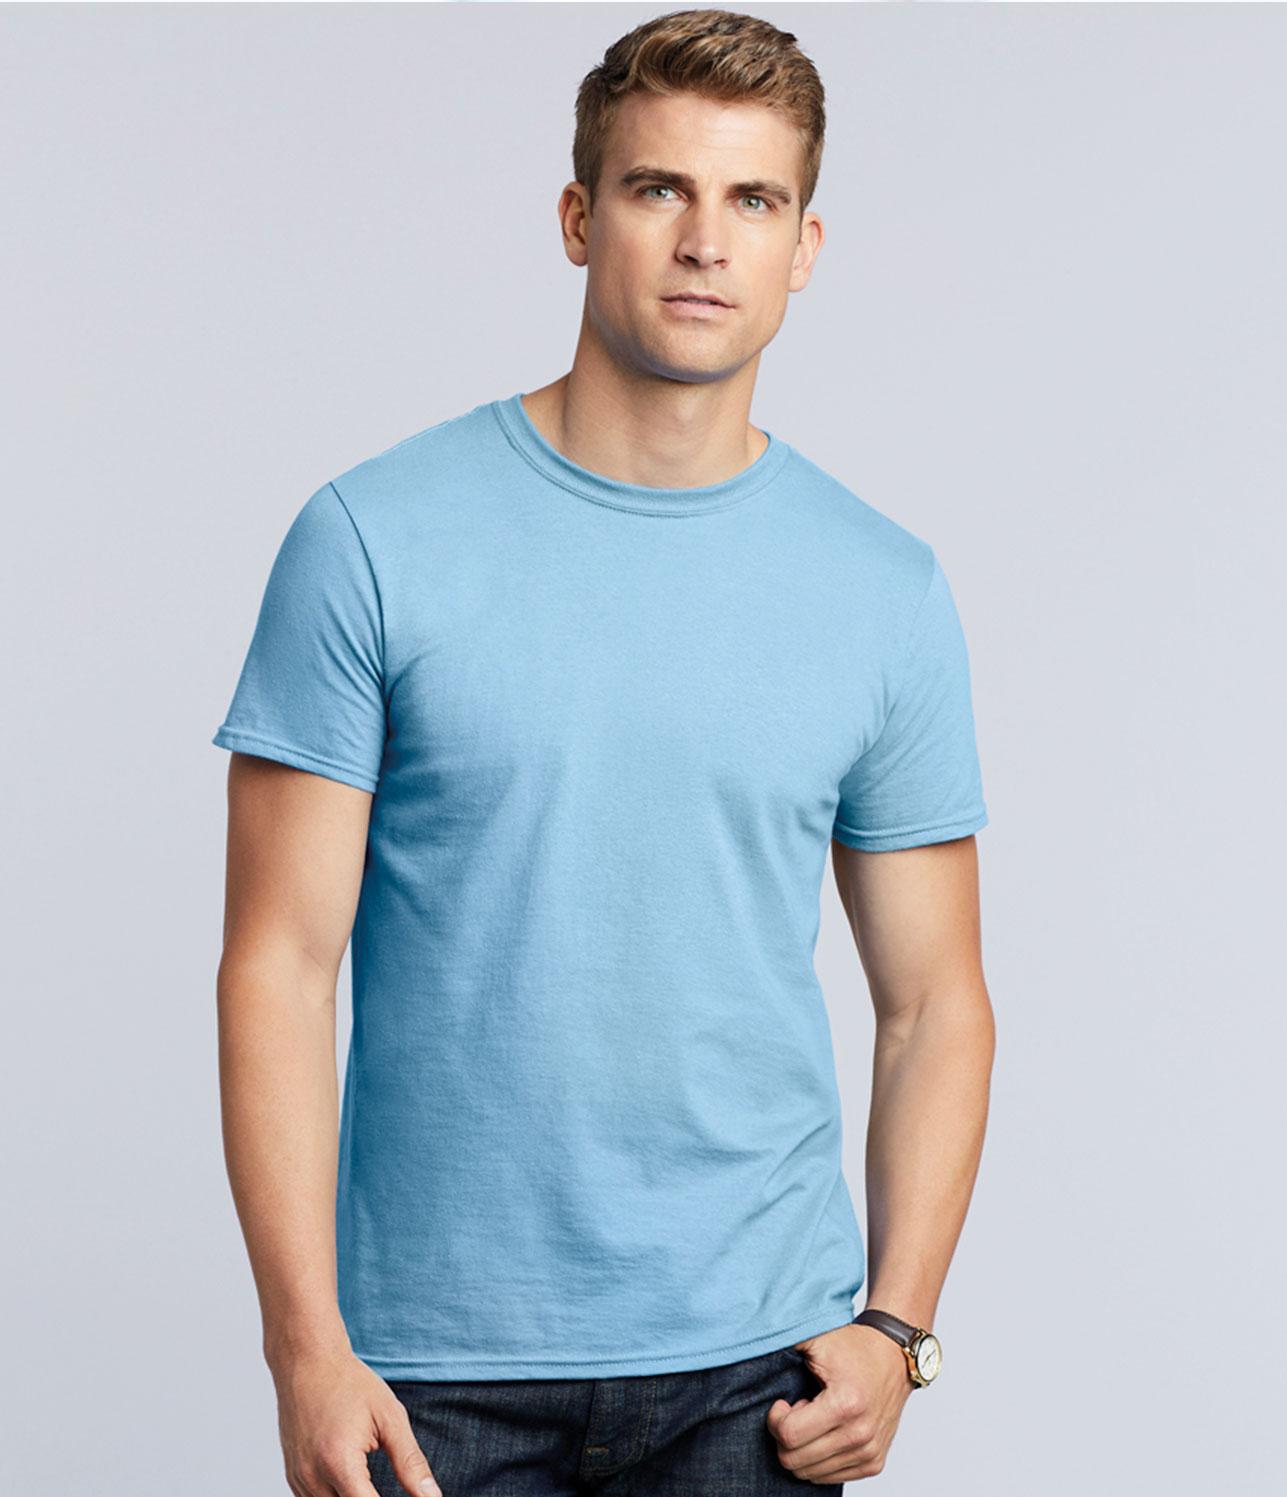 Gd01 T-Shirt for Band Merc